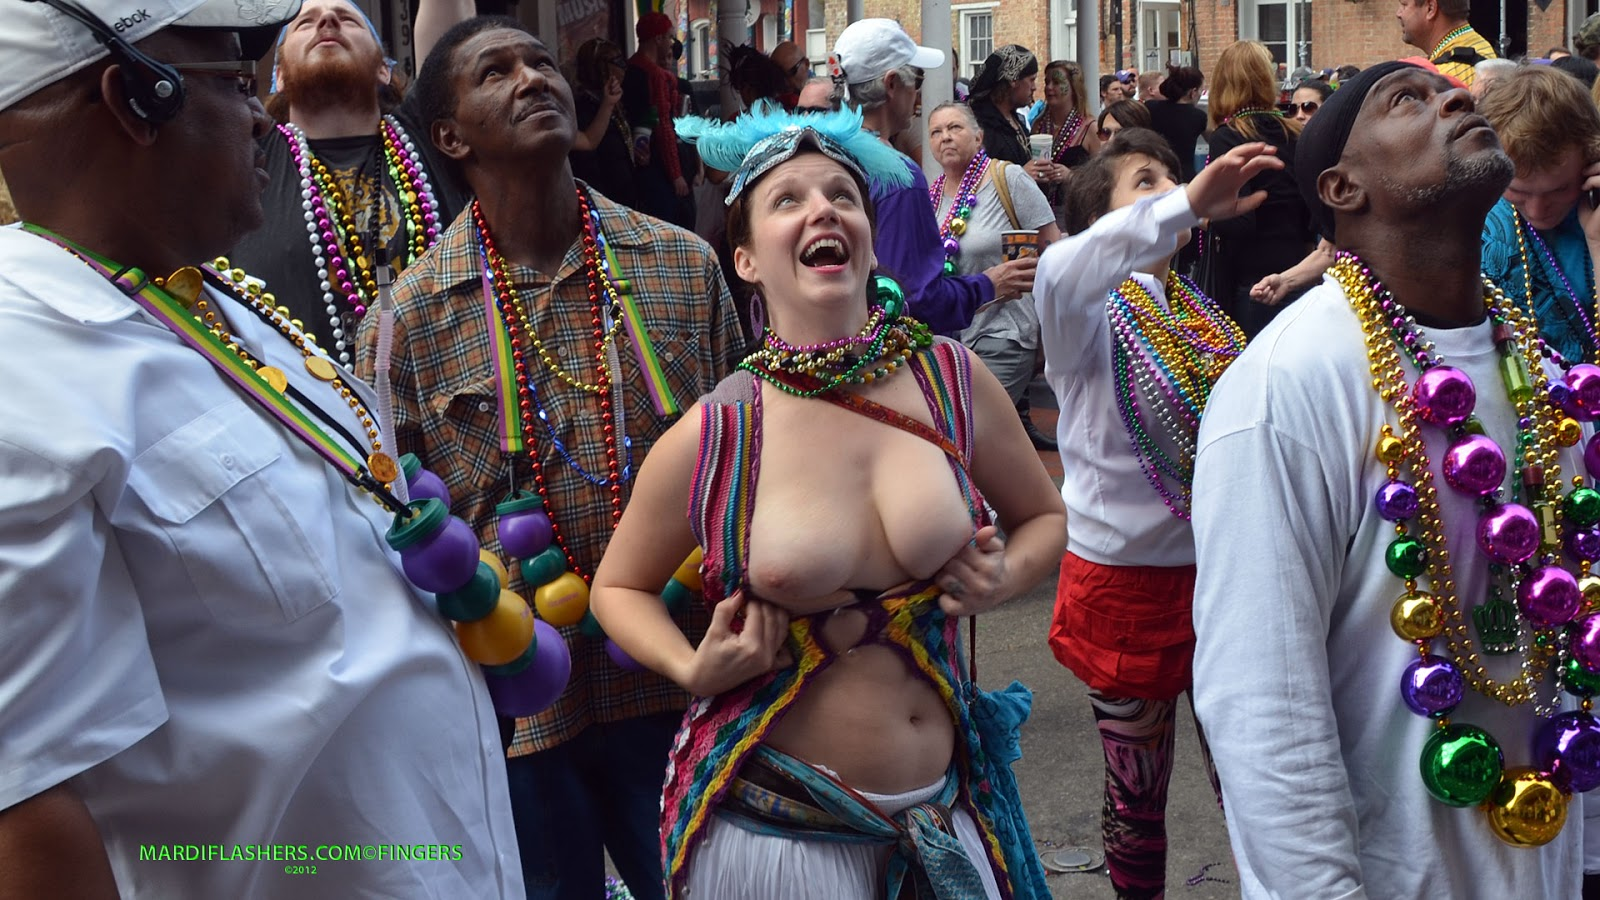 Naked Spring Break Mardi Gras Beads - Hot Girls Wallpaper